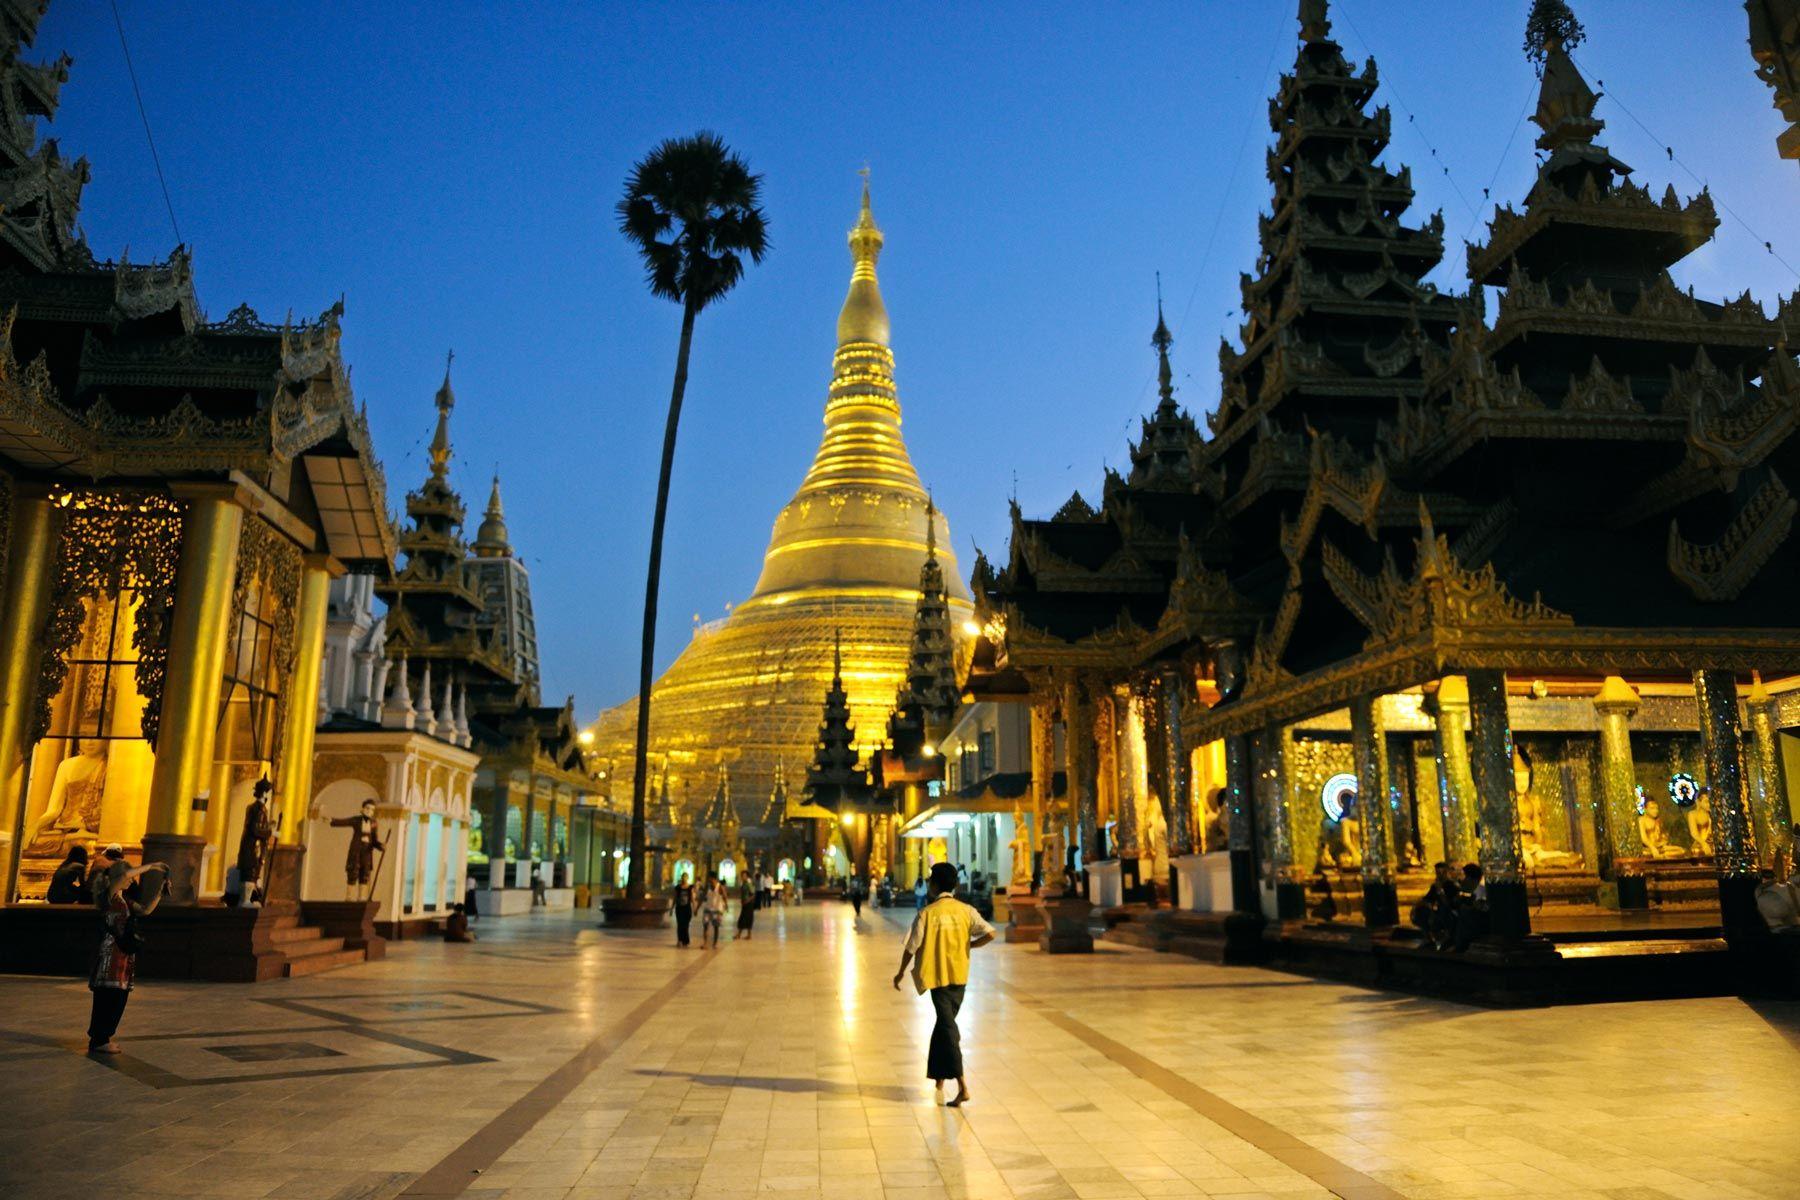 Yangon, Myanmar/Burma